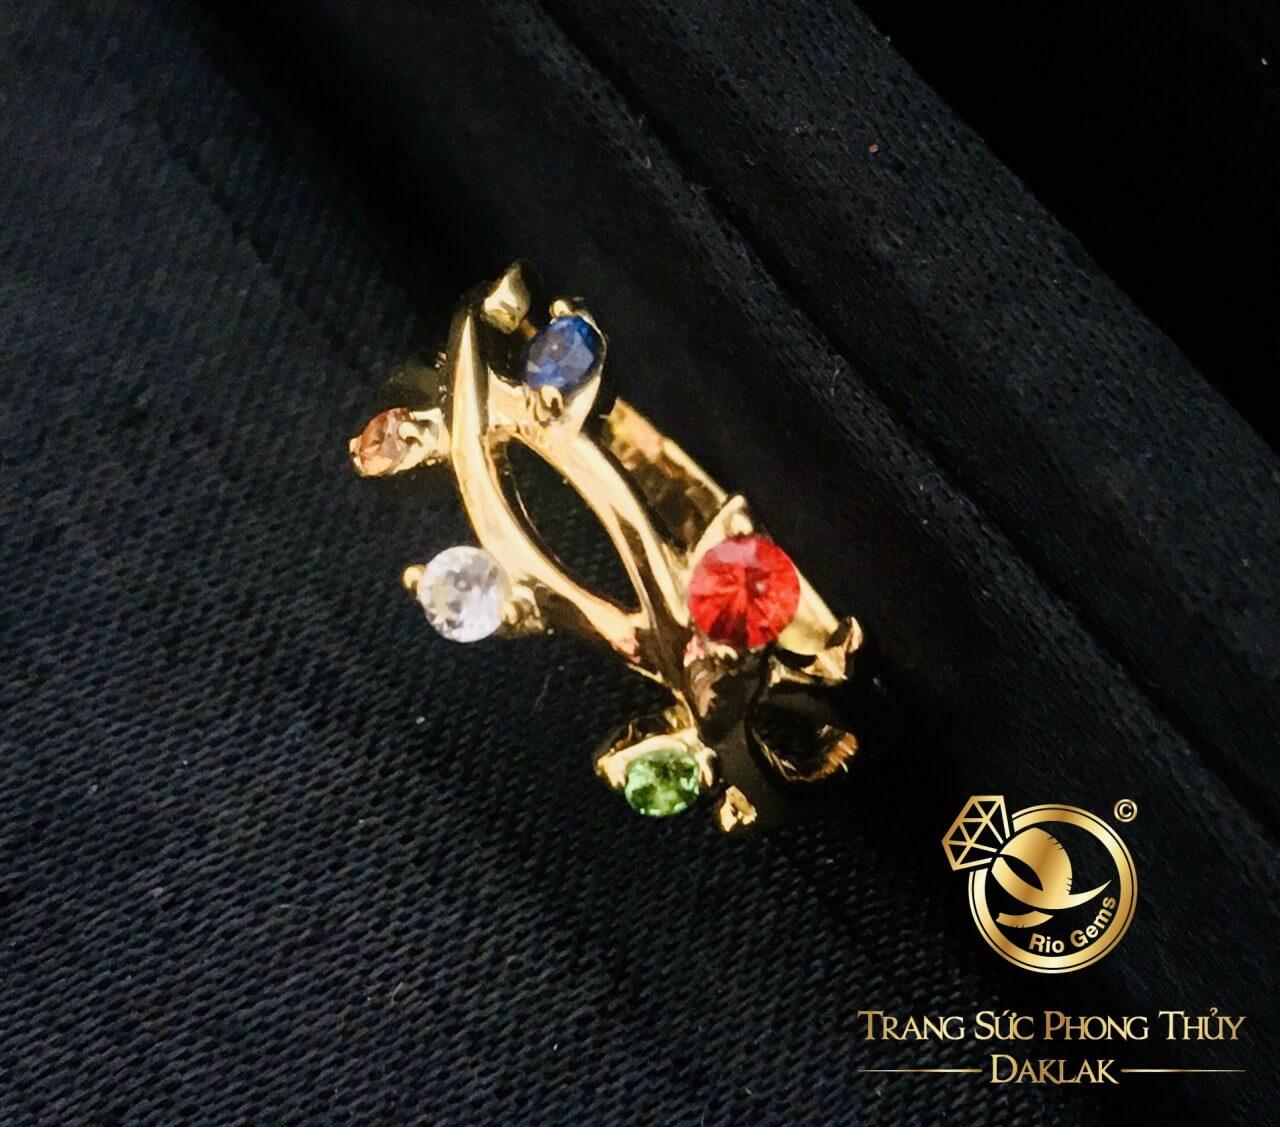 Say đắm với vẻ đẹp quyến rũ của nhẫn vàng ngũ sắc đính Tuocmalink đa sắc